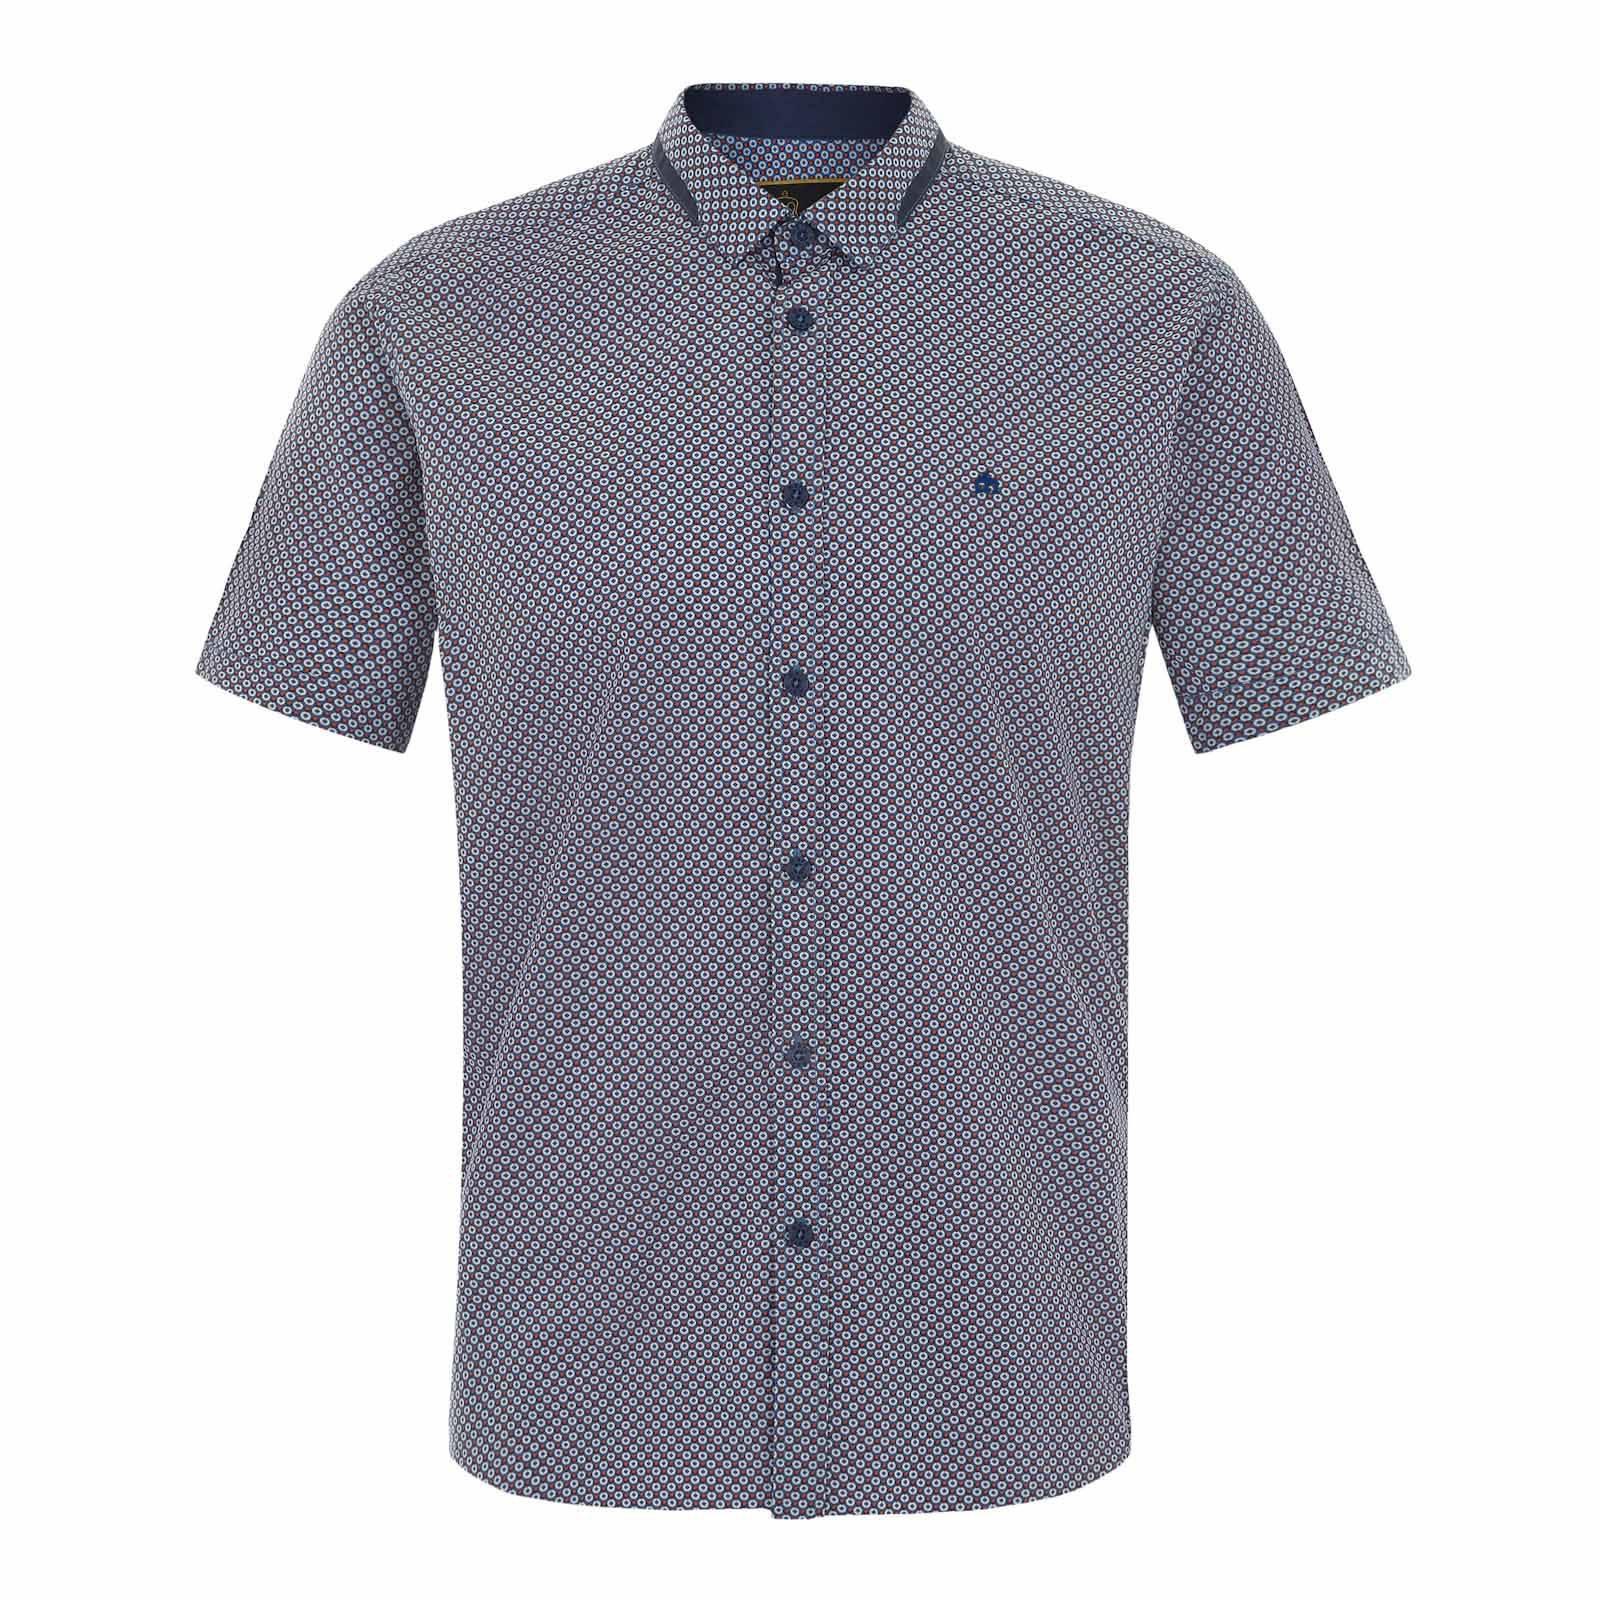 Рубашка DaytonaС коротким рукавом<br>Приталенная мужская рубашка с коротким рукавом из натуральной, высококачественной хлопковой ткани поплин с  мелким геометрическим принтом в духе психоделической волны Свингующих Шестидесятых. Декорирована контрастной, в тон пуговиц, отделкой по нижнему краю классического воротника Кент, а также логотипом Корона, вышитым на груди слева.  Эту рубашку можно носить как в рамках формального дресс-кода вместе с обувью дерби, шерстяным базовым кардиганом и однотонными брюками Sta-Prest, так и в более свободном луке - в сочетании с чиносами, шортами и лоферами.<br><br>Артикул: 1515101<br>Материал: None<br>Цвет: синий<br>Пол: Мужской